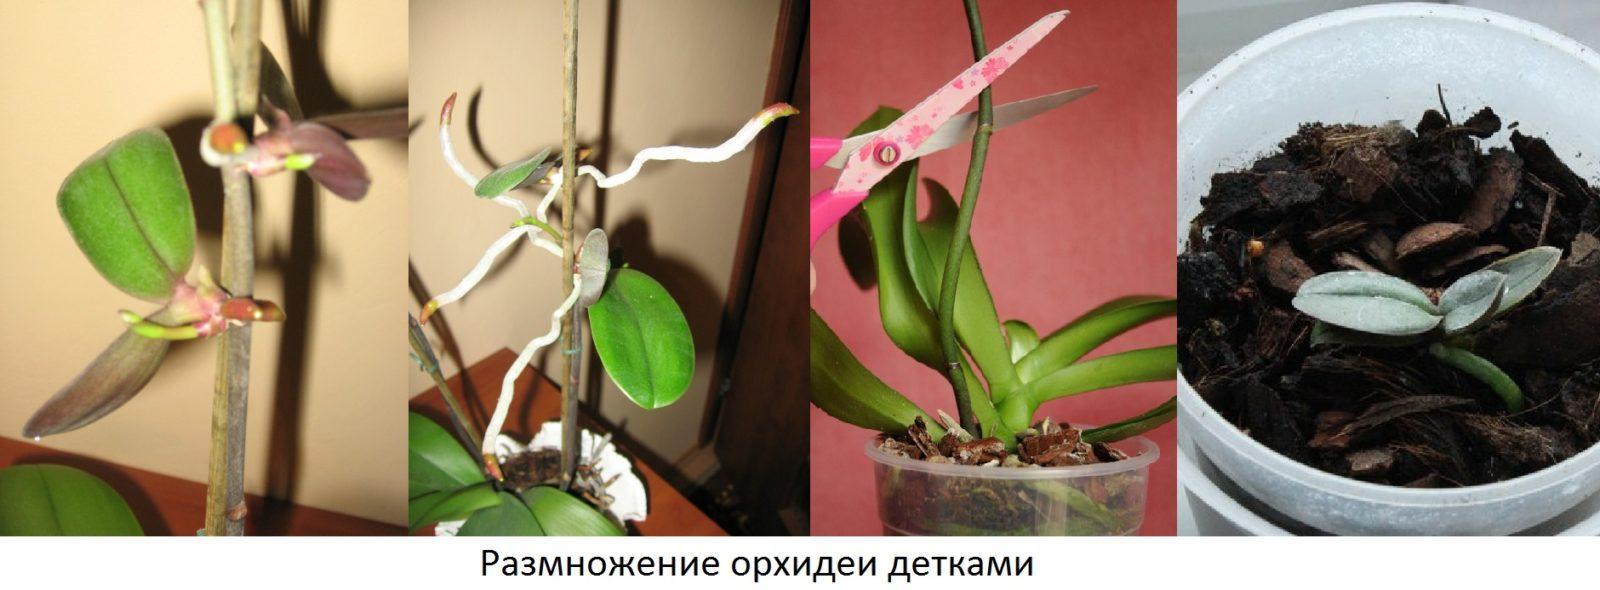 Наглядный пример размножения